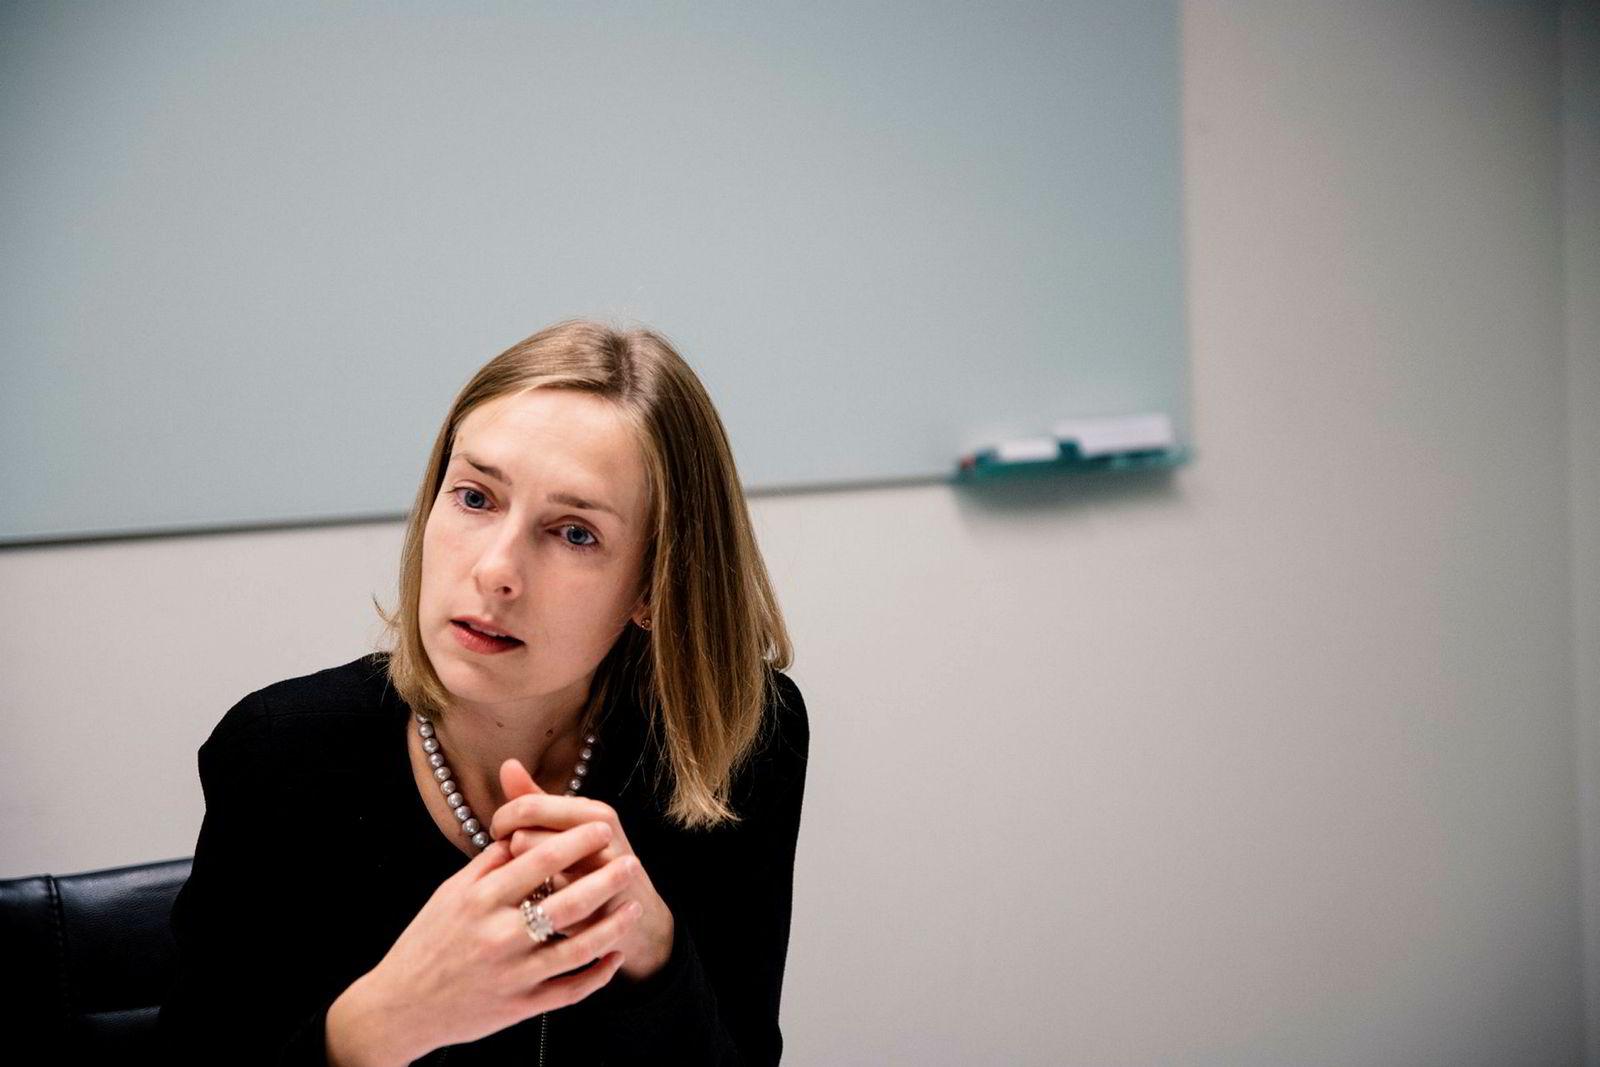 Forsknings- og høyere utdanningsminister Iselin Nybø.